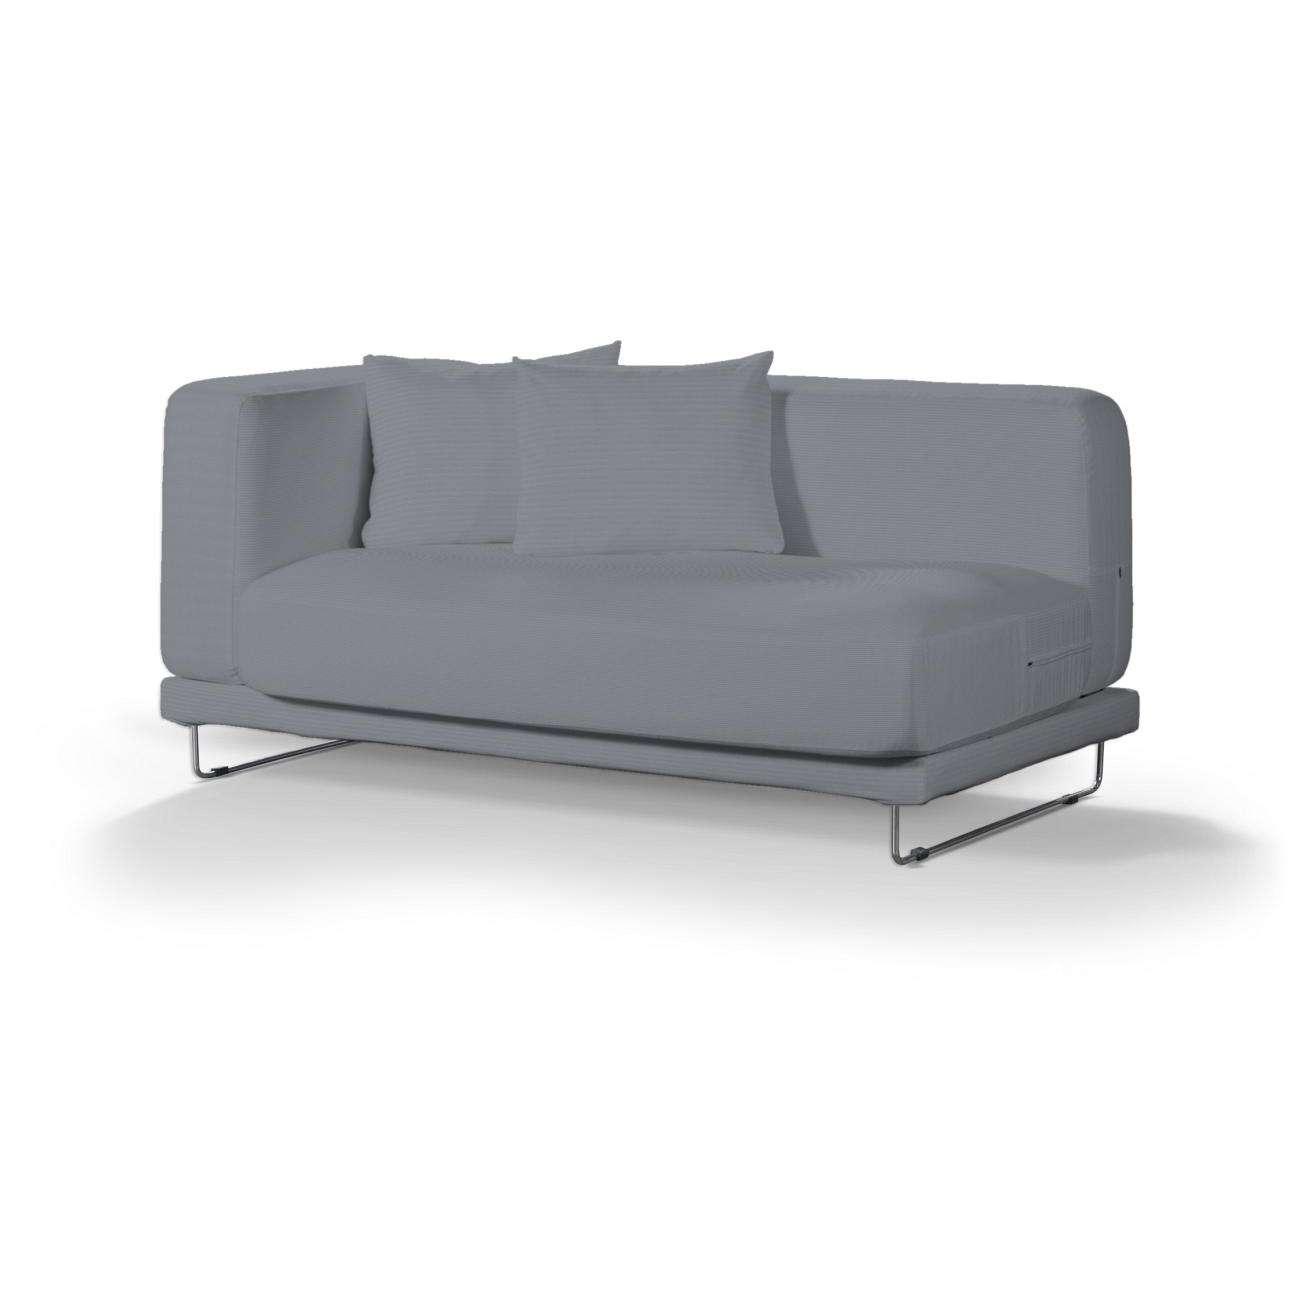 IKEA zitbankhoes Tylösand 2 zitsbank (niet uitklapbaar)